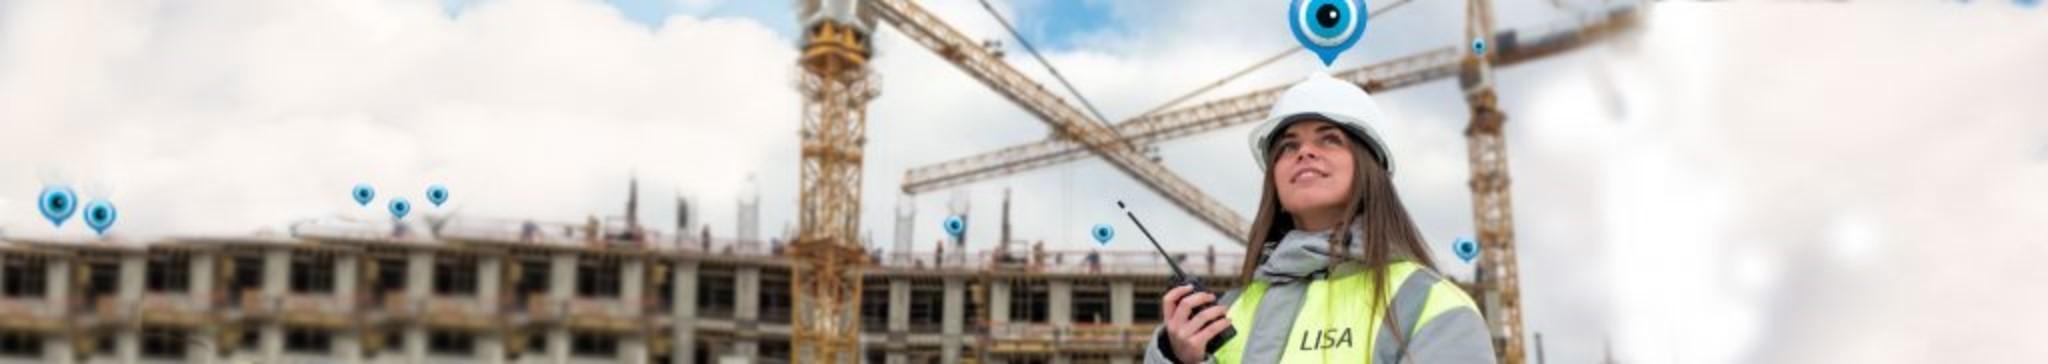 aanwezigheidsregistratie bouw | verplichte aanwezigheidsregistratie | aanwezigheidsregistratie in de bouw